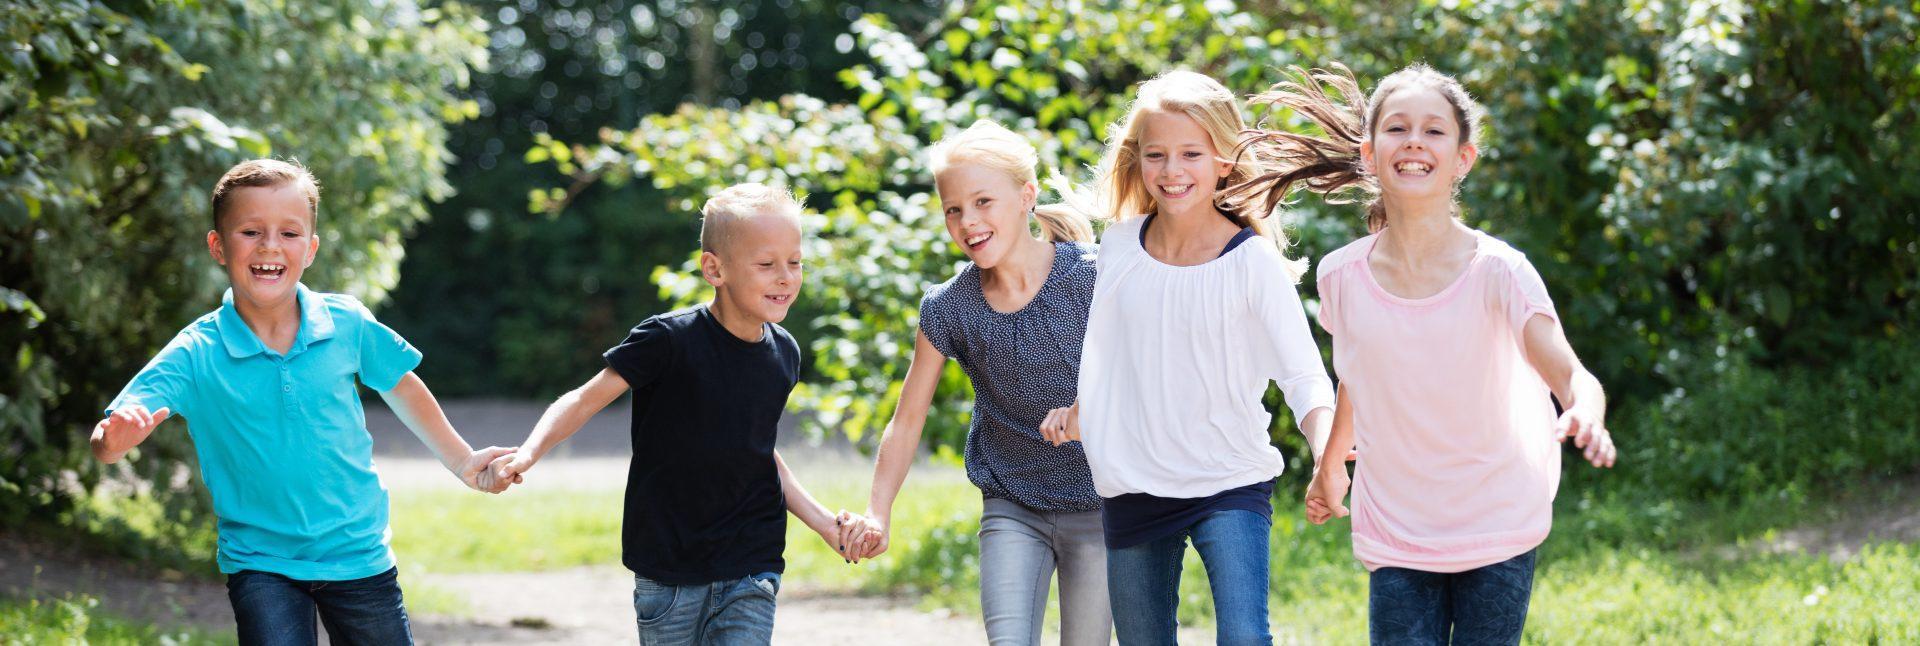 Klinika Terapii Mowy Dla Rodziców Rozwój Mowy